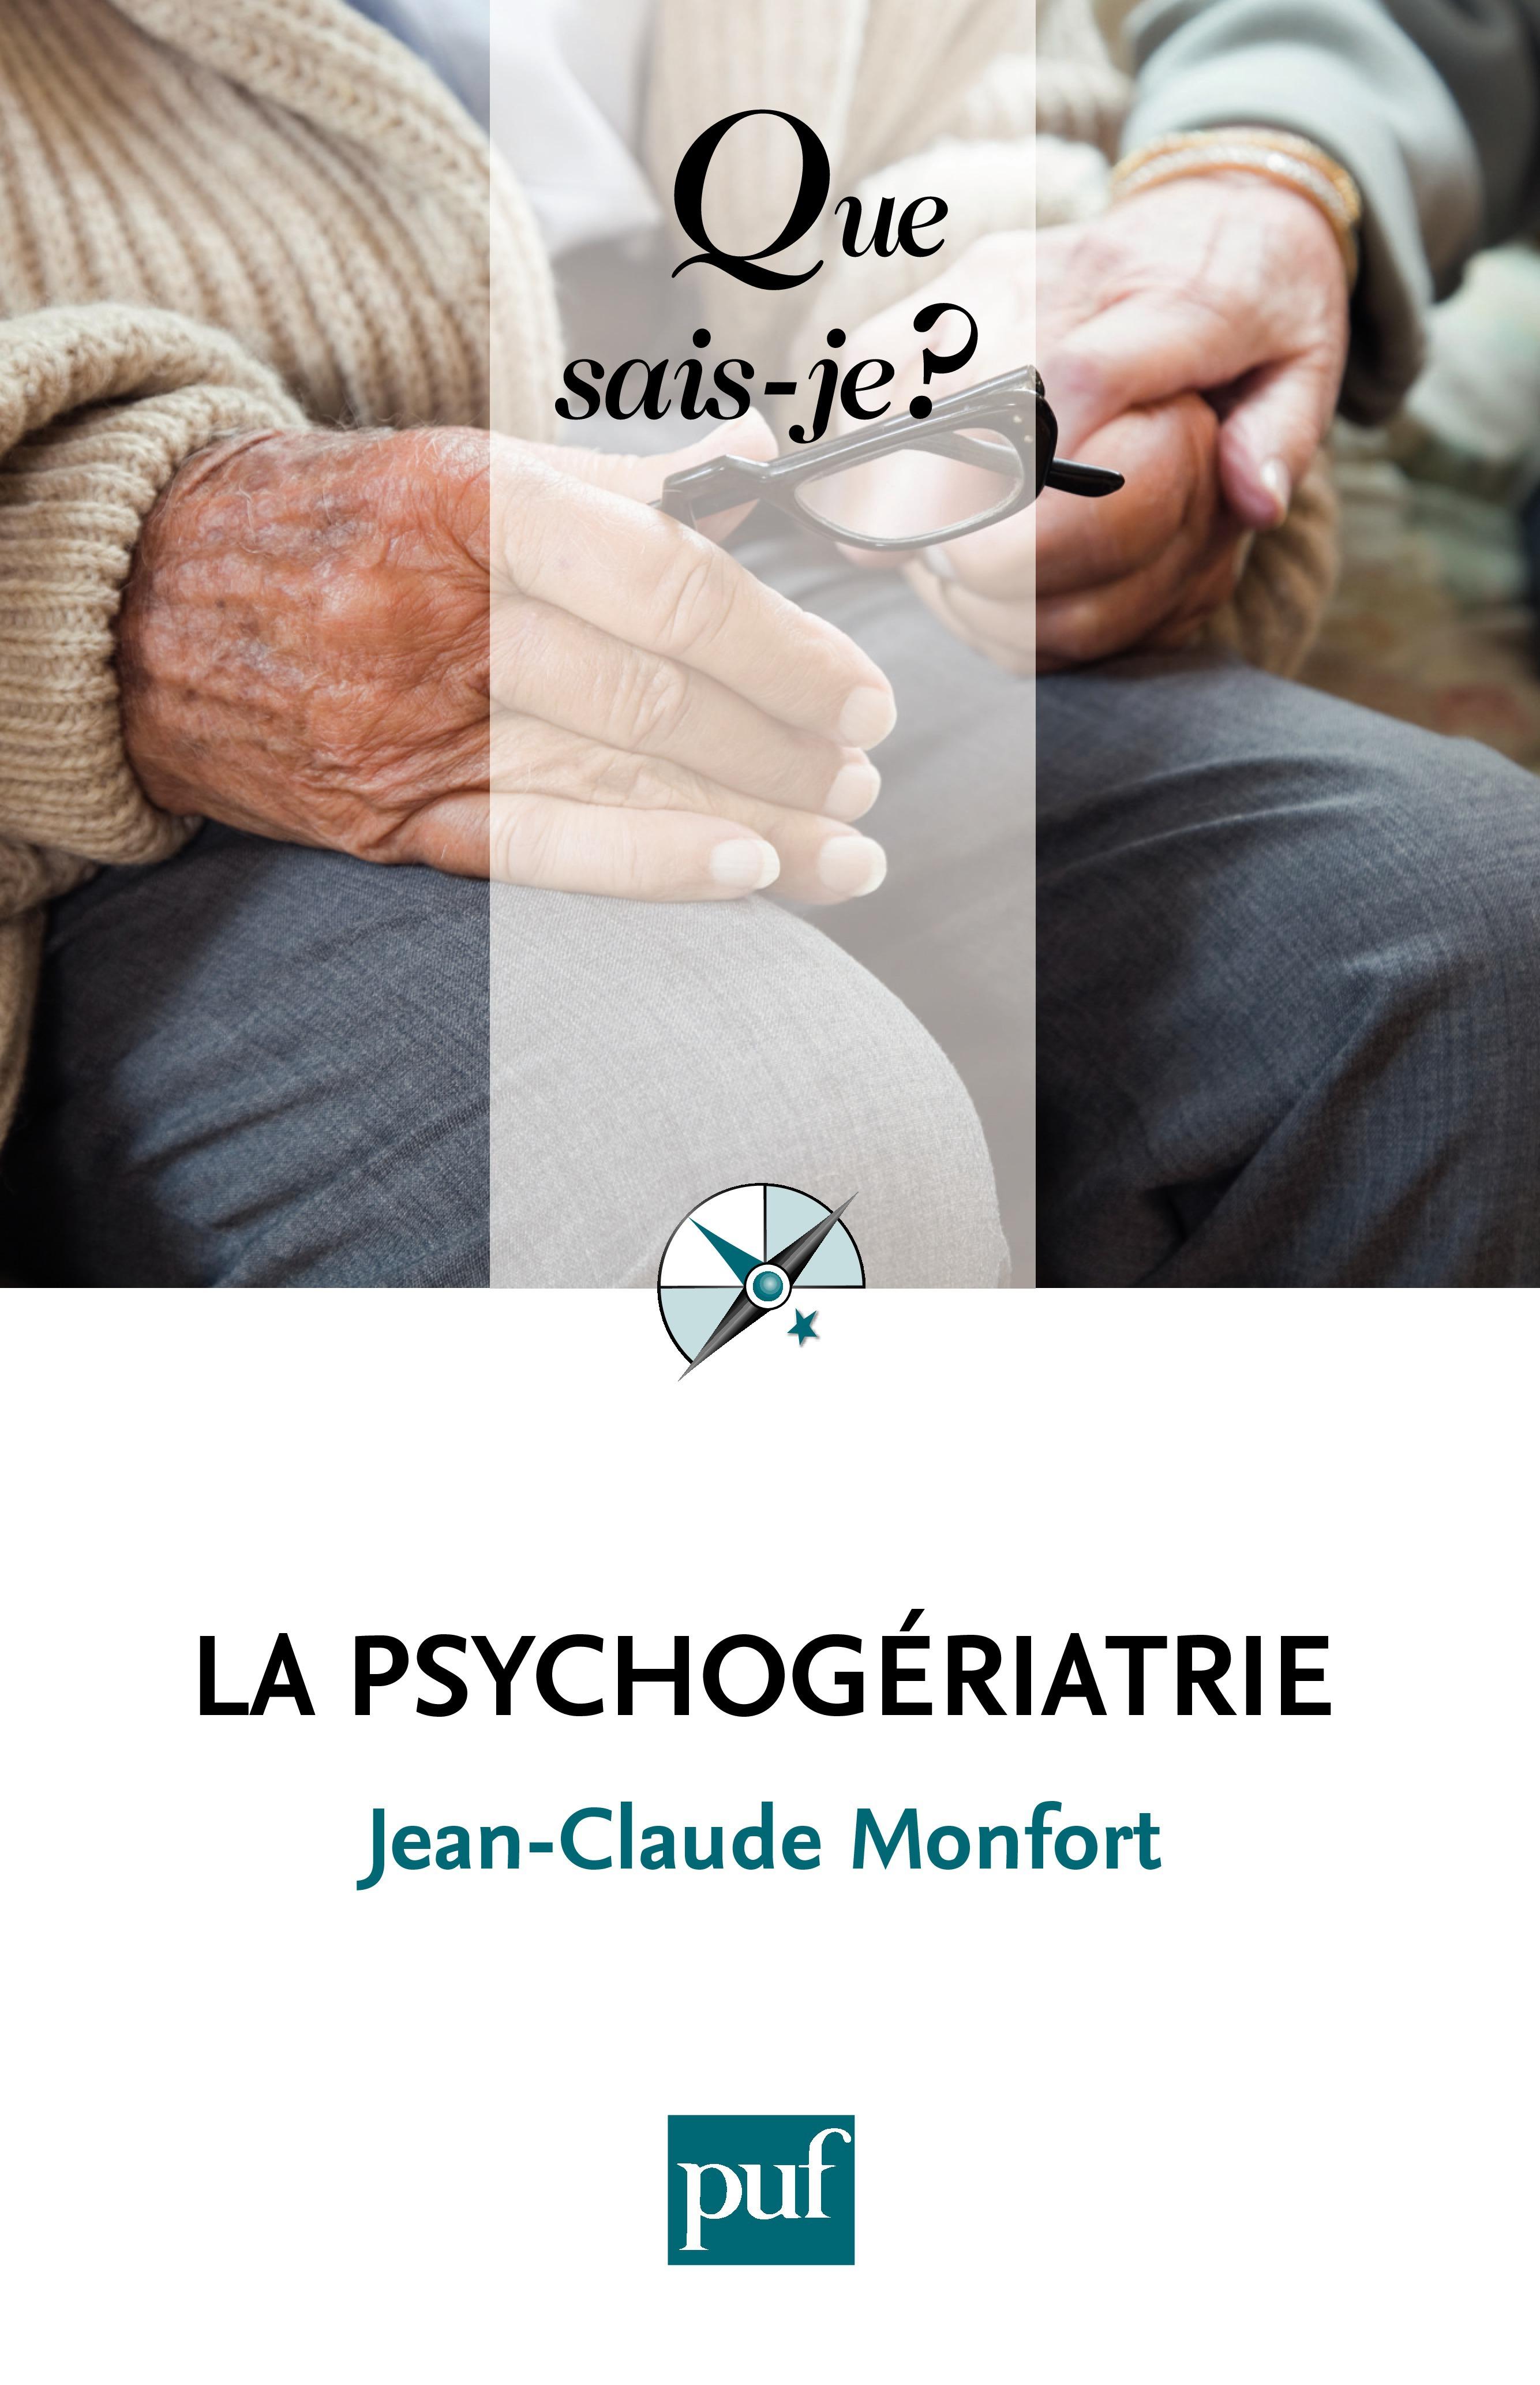 Jean-Claude Monfort La psychogériatrie